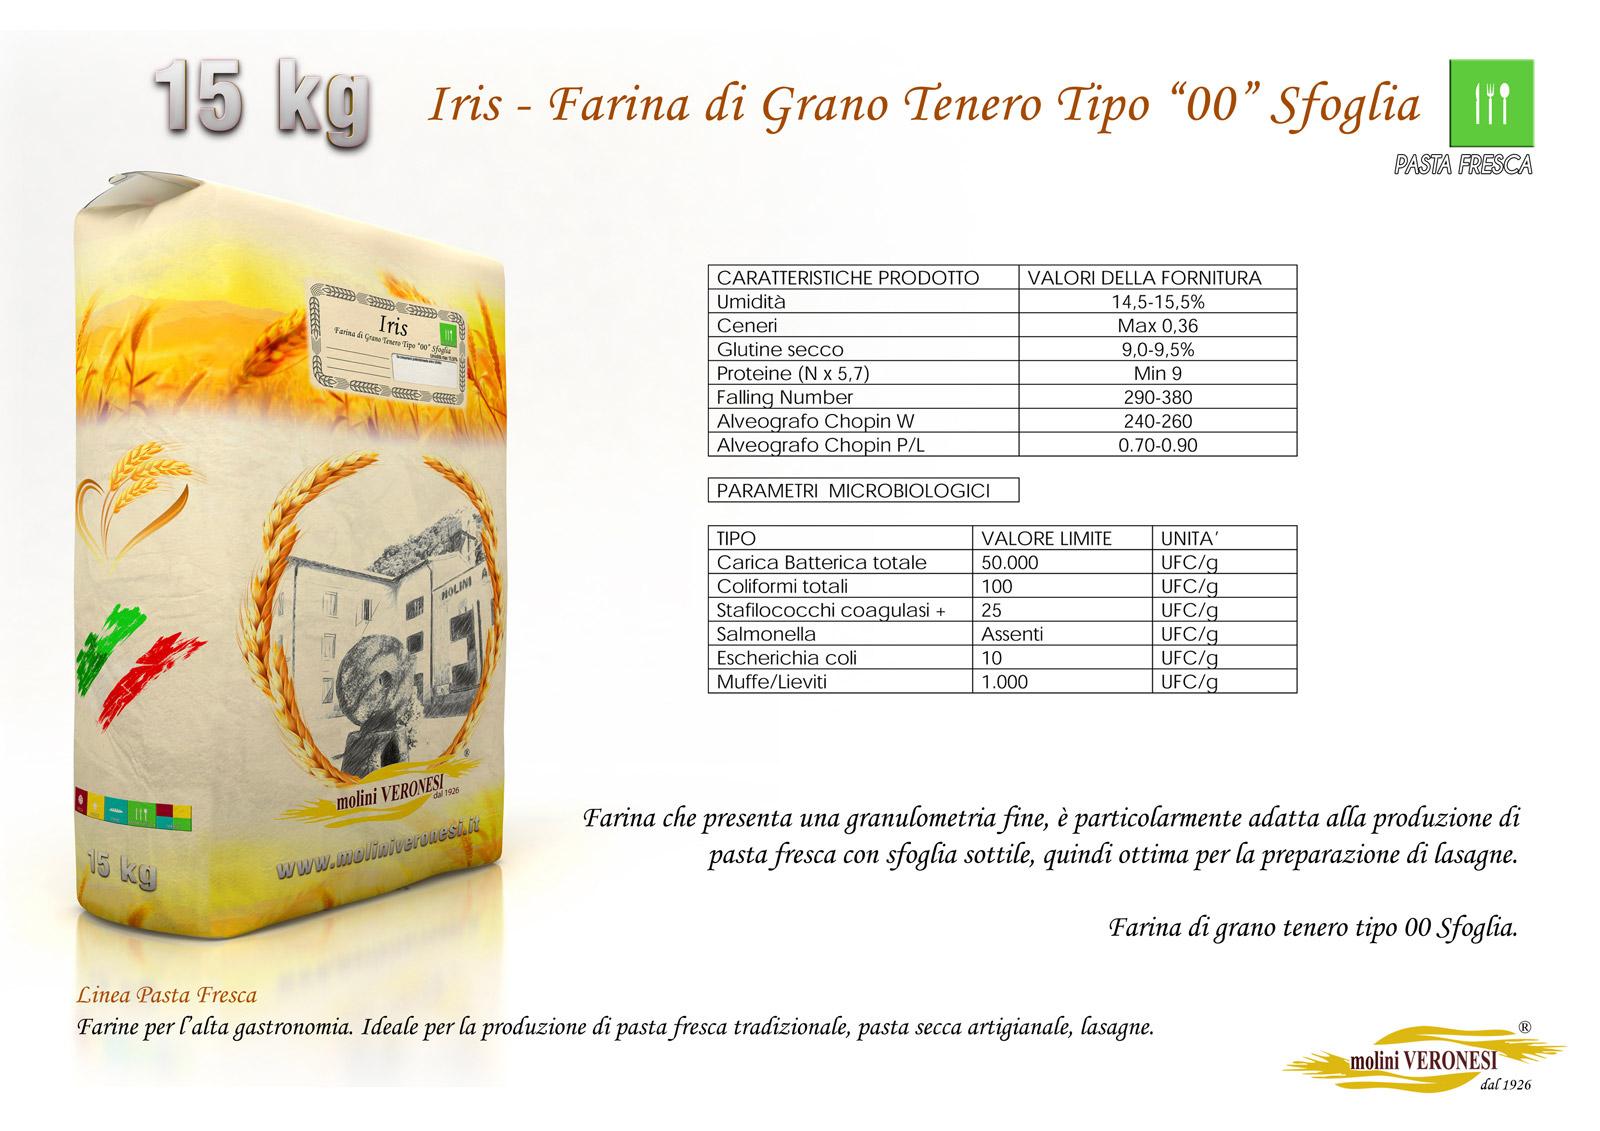 Iris - Farina di Grano Tenero Tipo 00 - Sfoglia